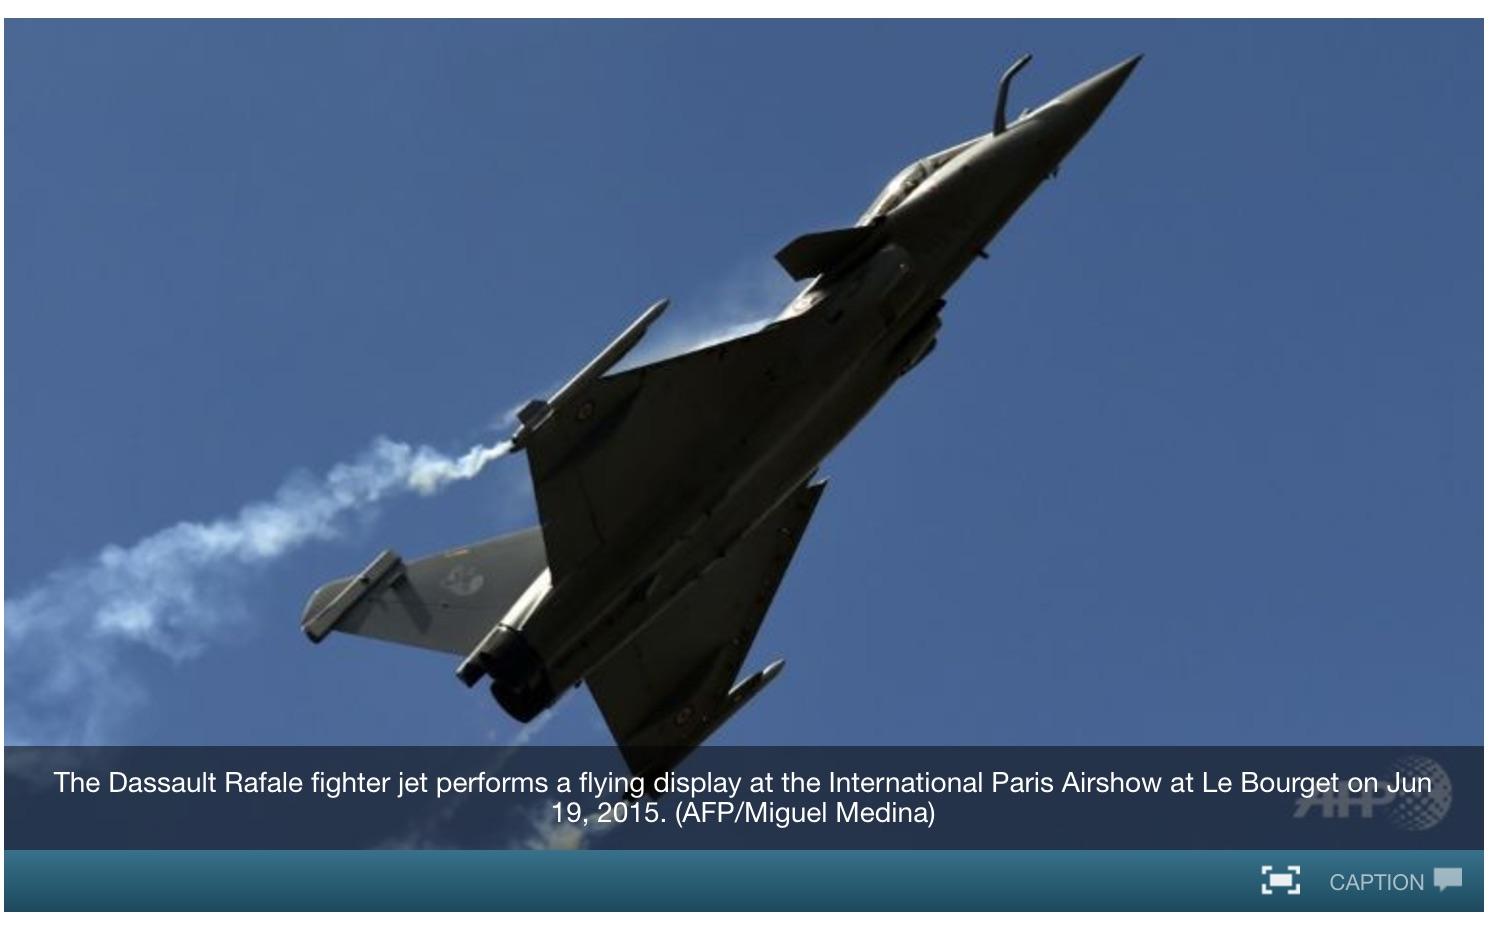 Succès pour le géant de l'aéronautique français: le feu vert à un contrat de vente de 36 avions a été donné après des années de négociations. Copie d'écran de Channel News Asia, le 22 septembre 2016.